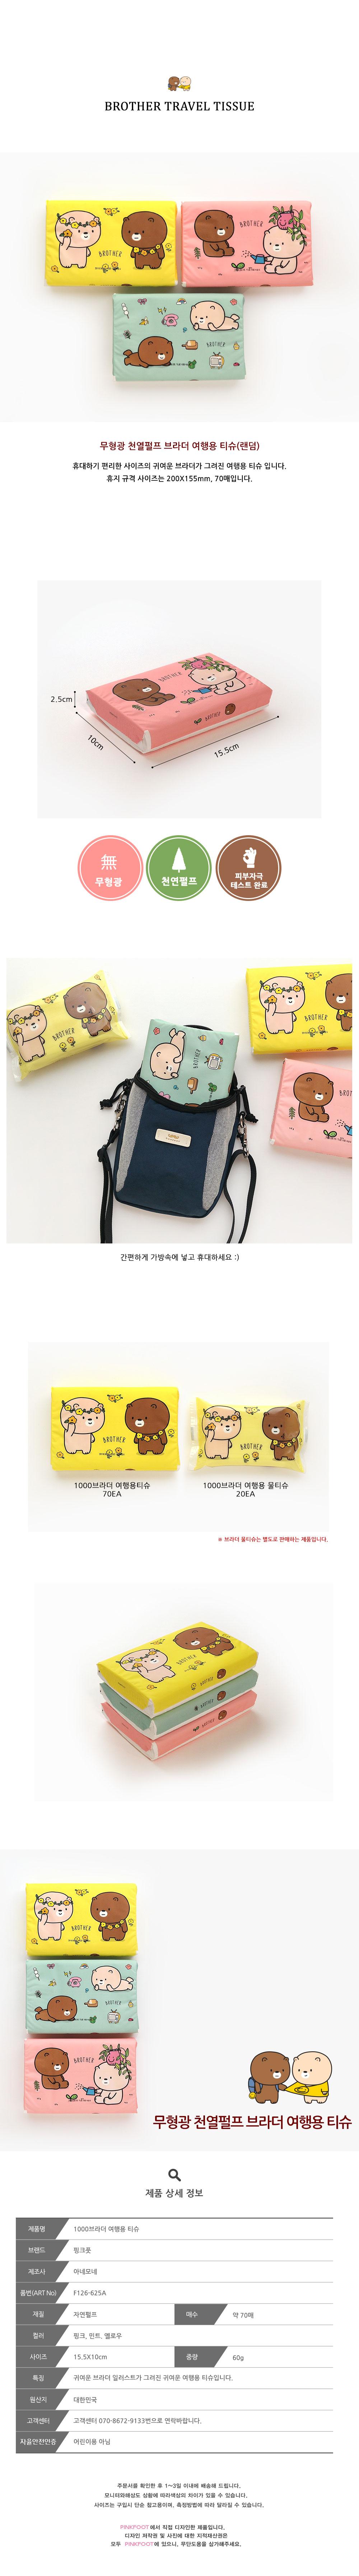 1000 브라더 여행용 티슈 (랜덤발송) - 핑크풋, 1,000원, 편의용품, 기타 여행용품